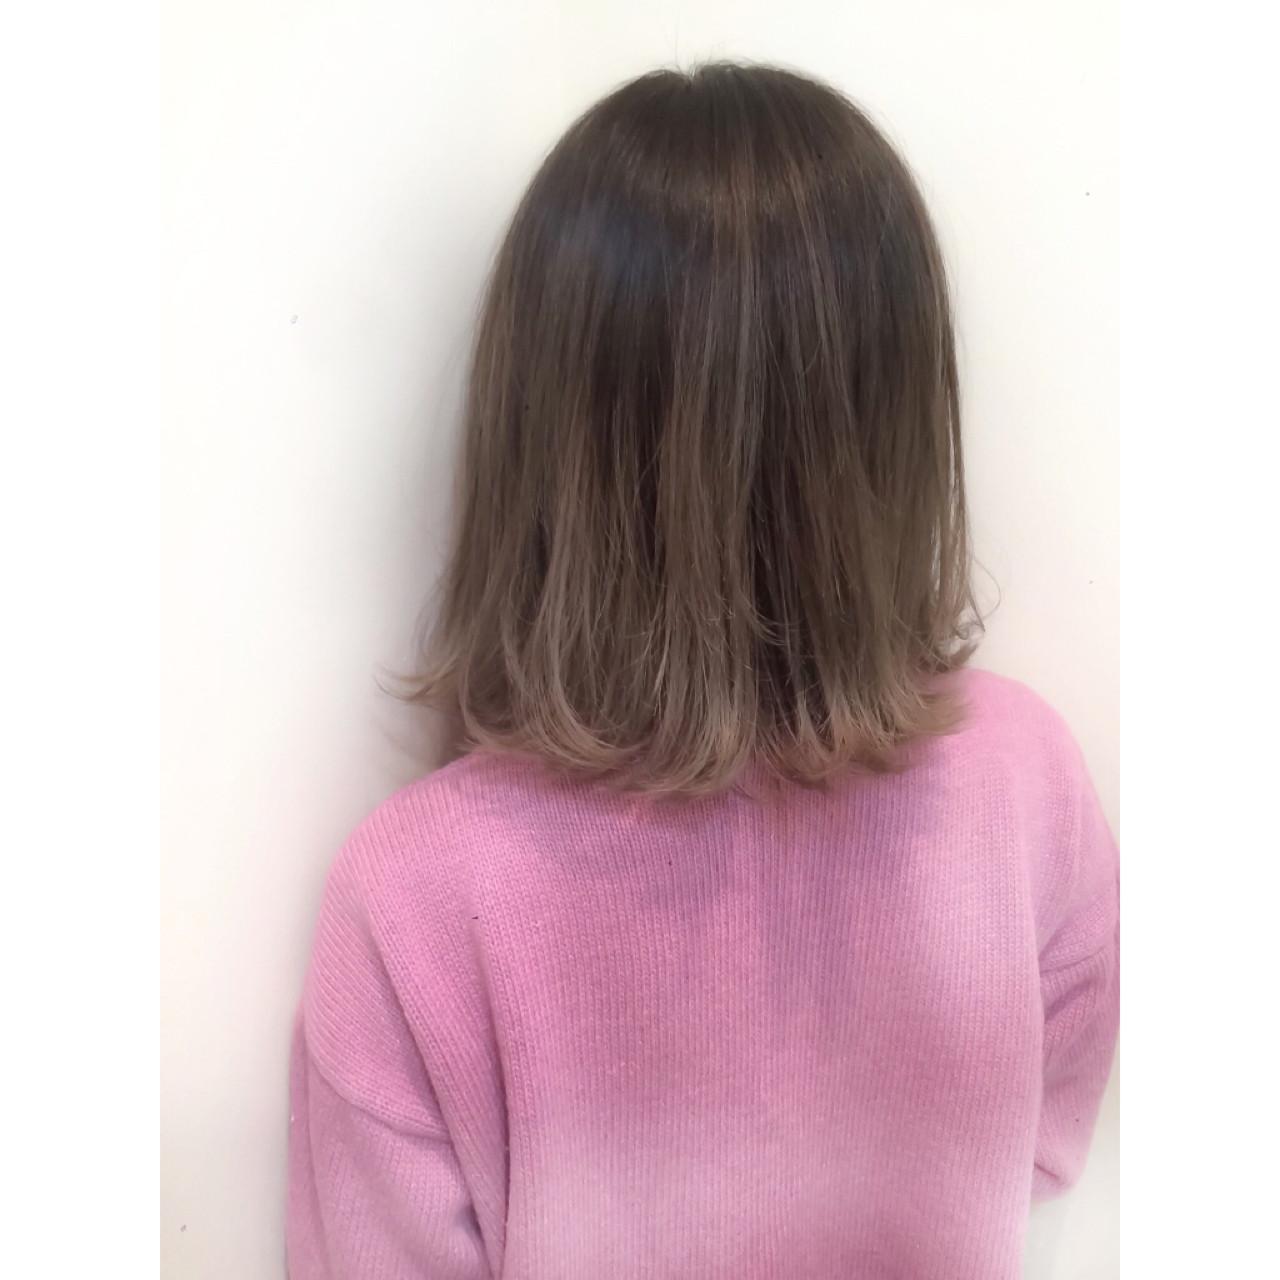 ミディアム グラデーションカラー ハイライト 大人かわいい ヘアスタイルや髪型の写真・画像 | スガ シュンスケ / Tierra (ティエラ)